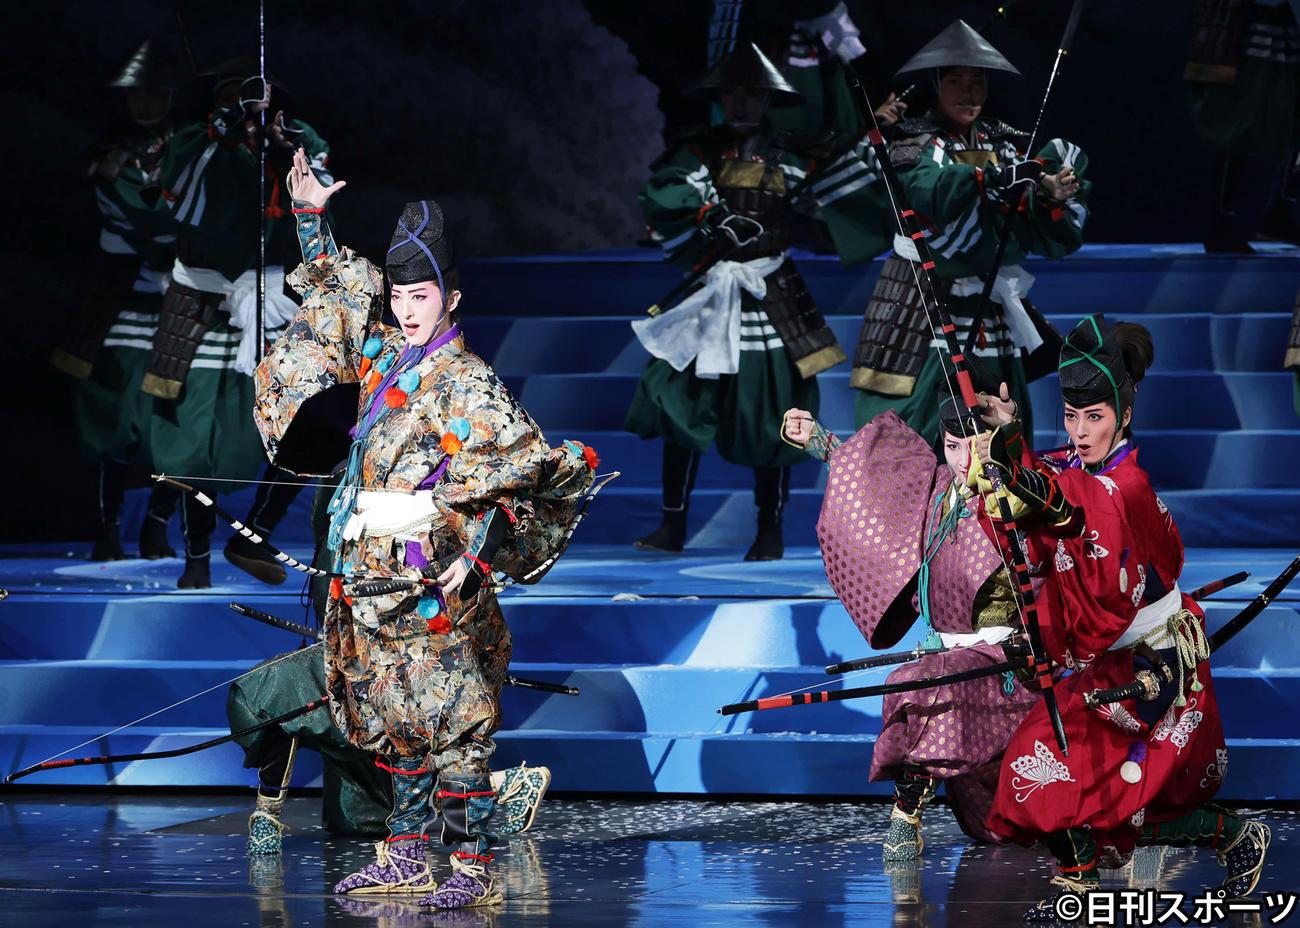 「桜嵐記」で兄弟役を演じたトップ珠城りょう(左)と、次期トップの月城かなと(右)(撮影・清水貴仁)